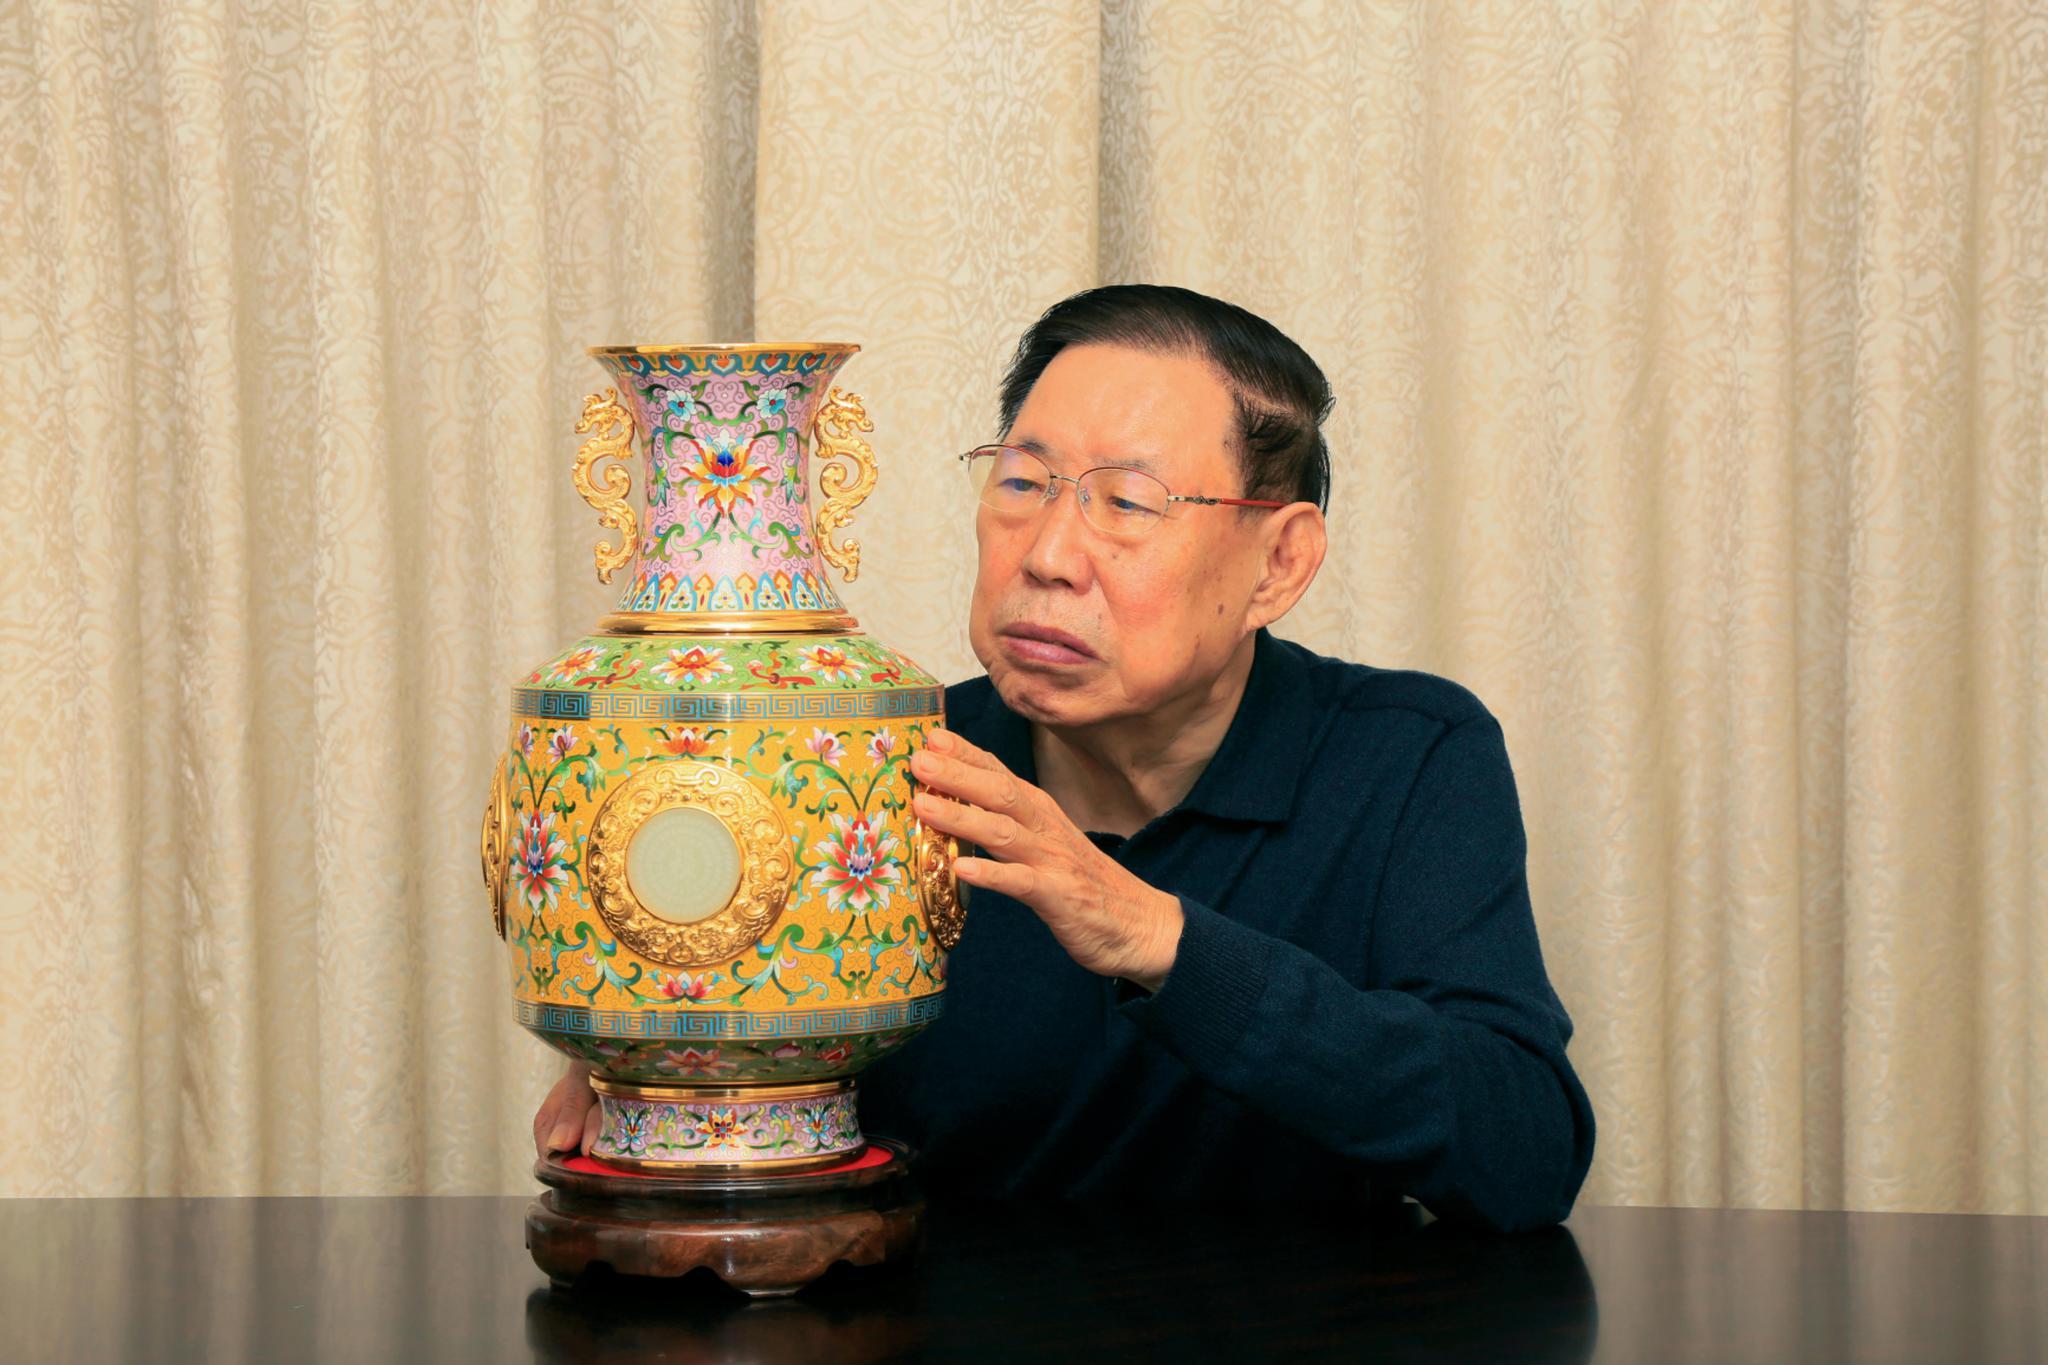 张同禄大师首尊景泰蓝转心瓶《百年复兴·报喜甁》首发式在京举行